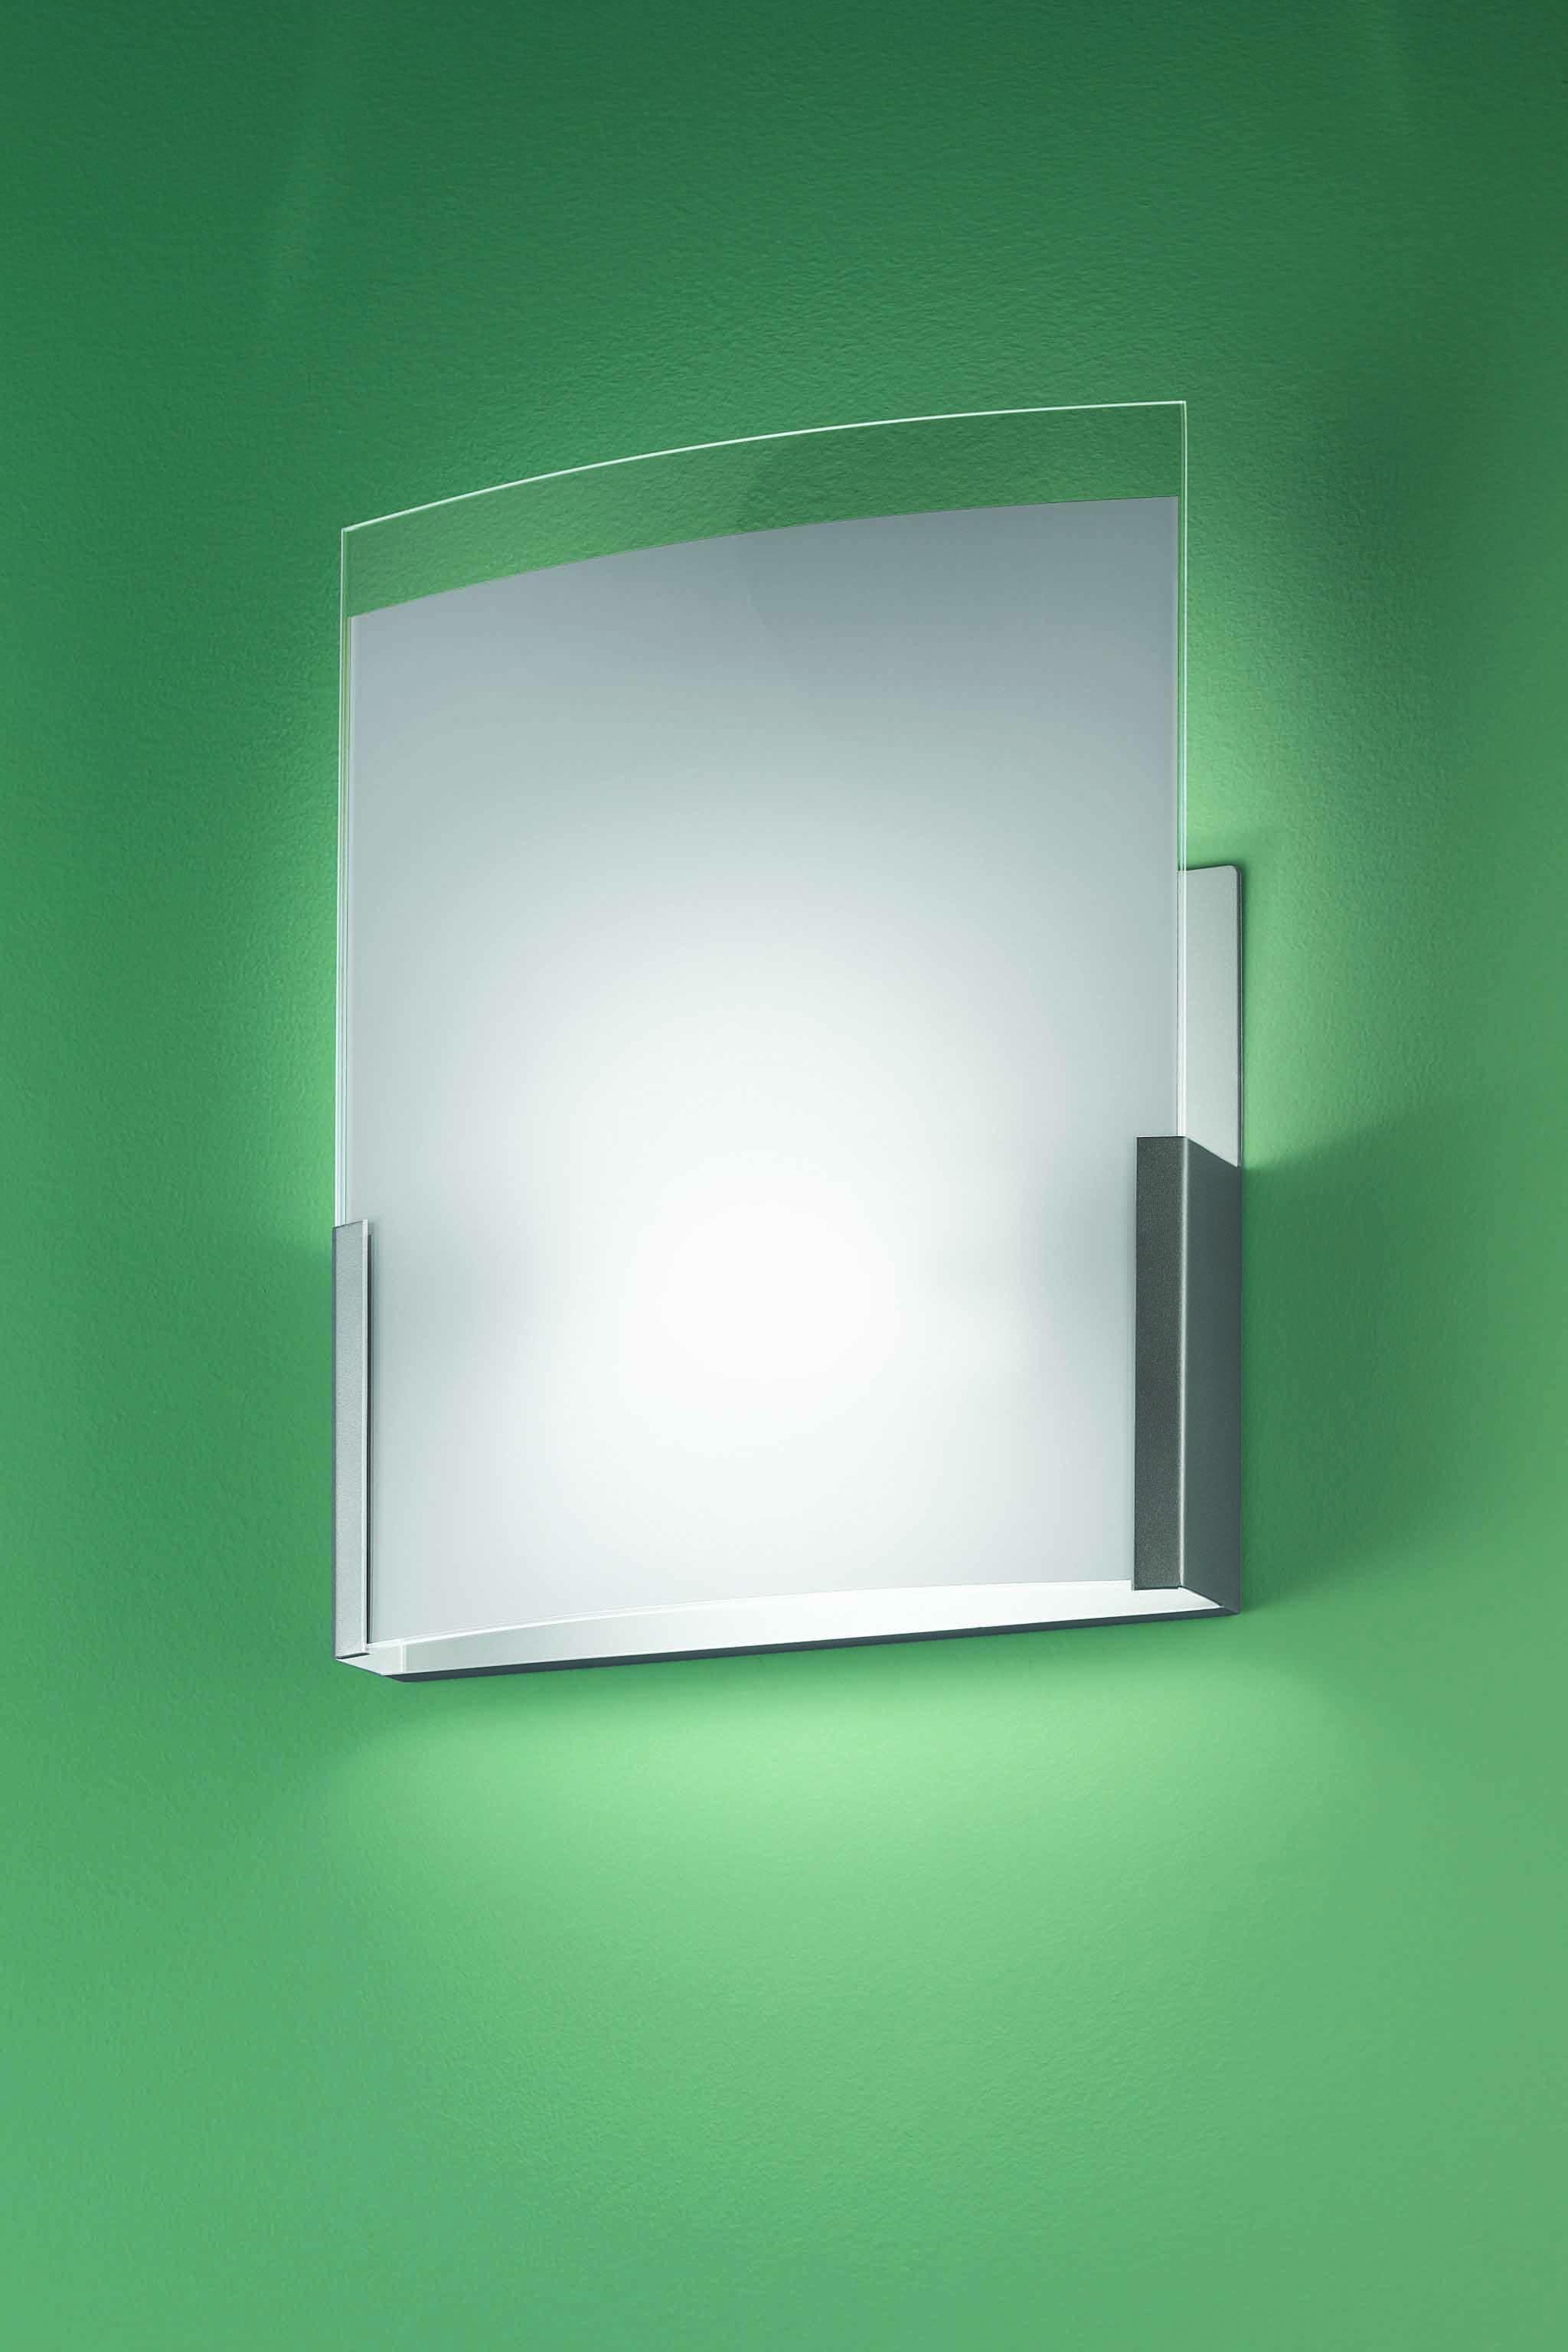 Applique Nui-Nui 50 grigio argento | LED